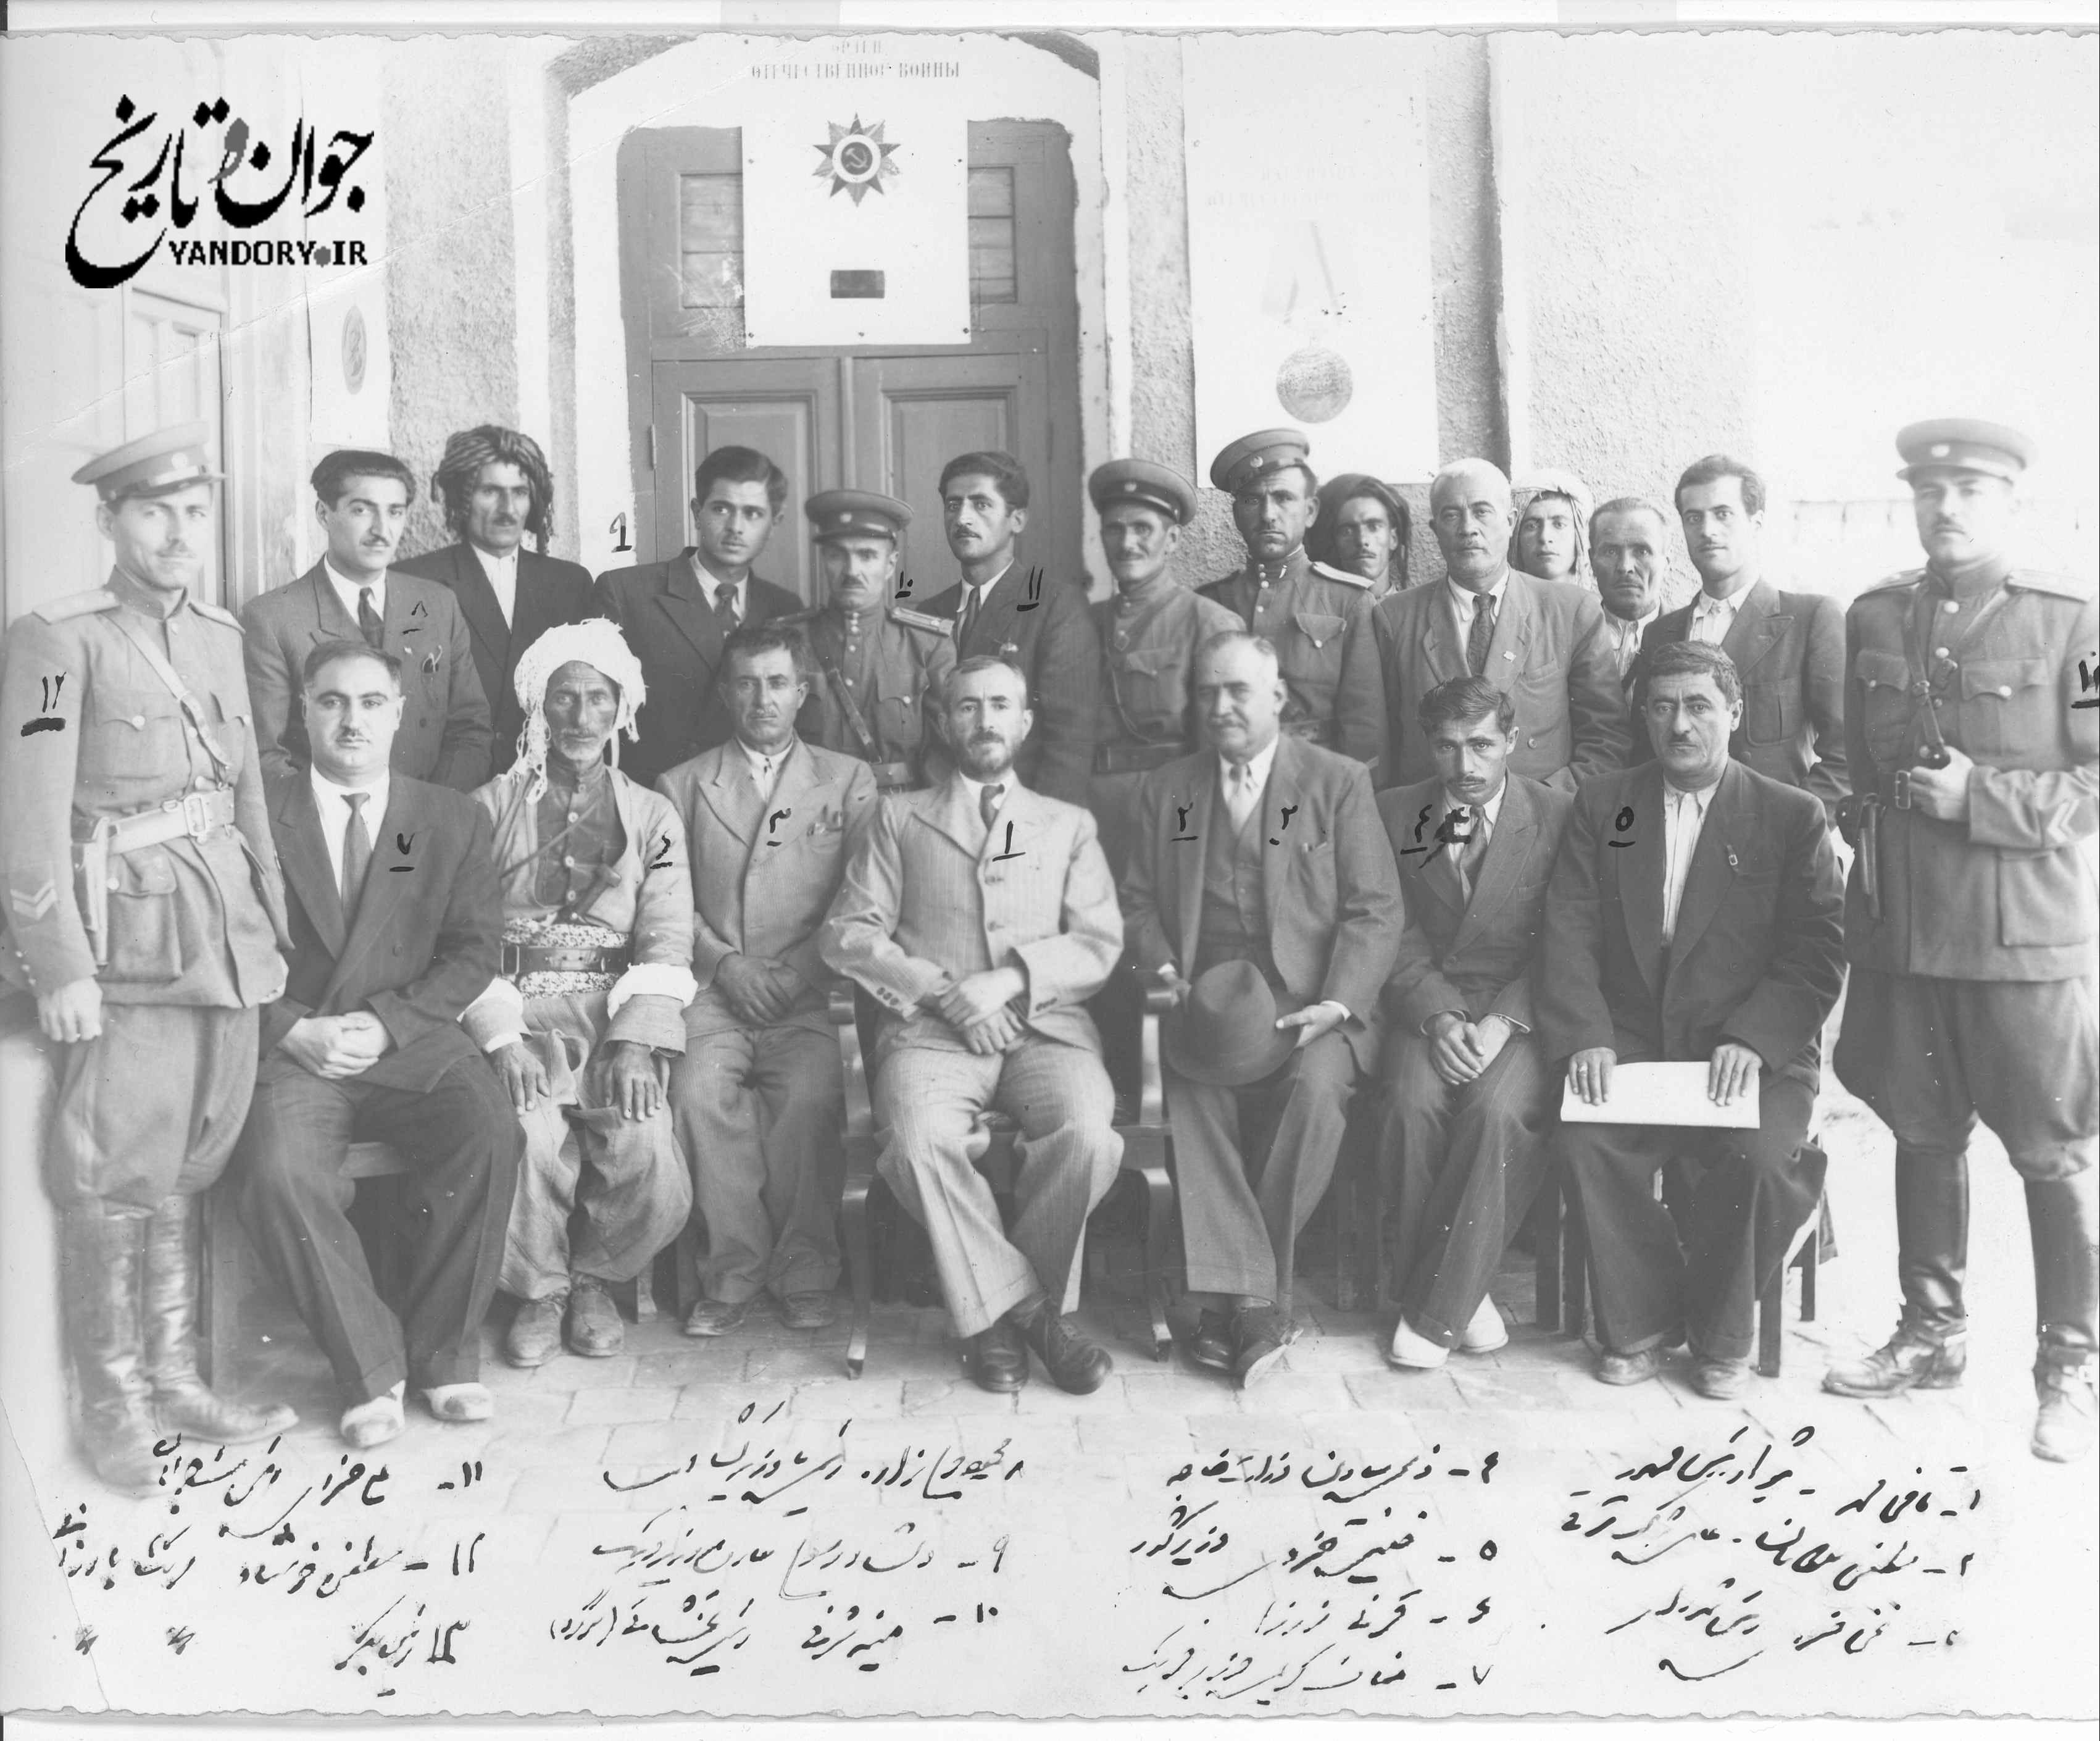 فرقه دمکرات؛ فتنه کمونیستی در کردستان